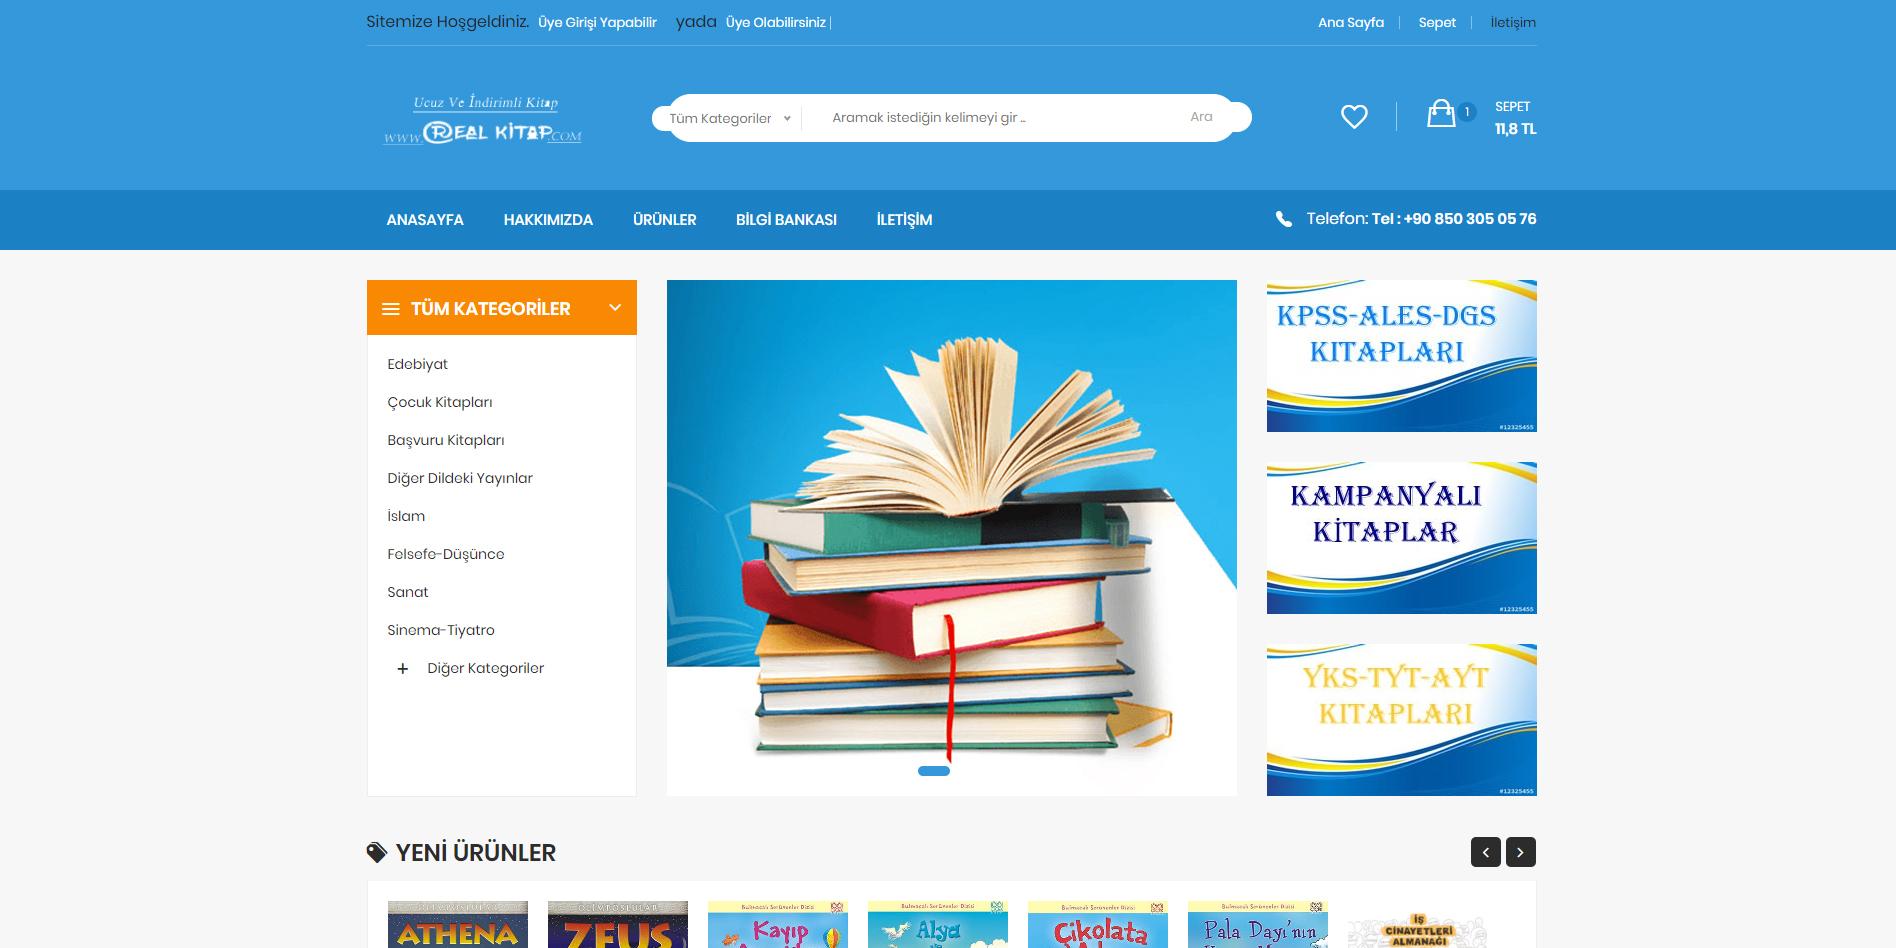 asp.net e-ticaret paketi, .net mvc e-ticaret paketi